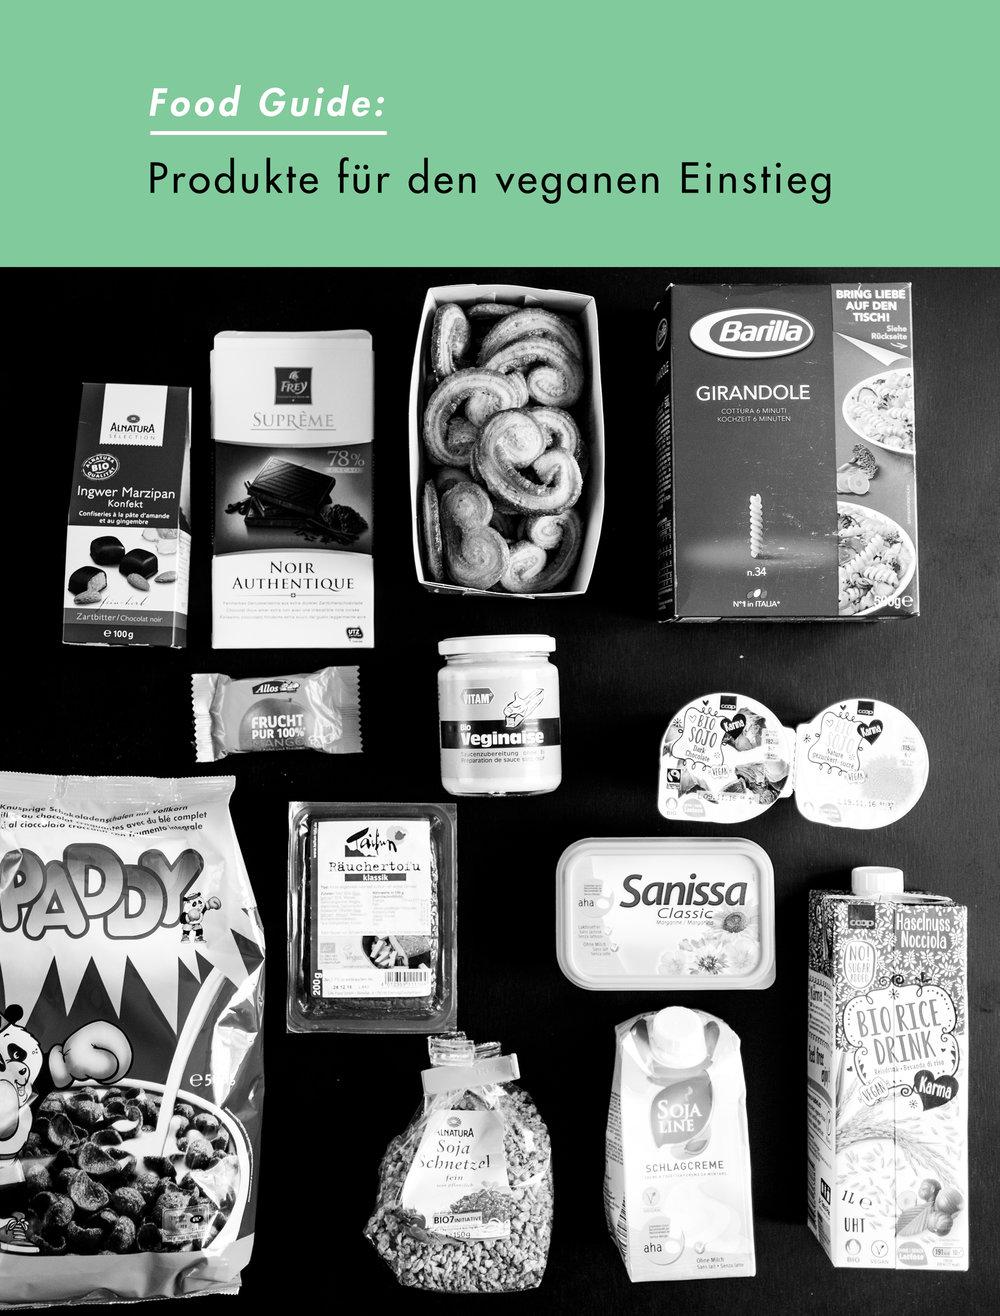 Produkte für einen veganen Einstieg